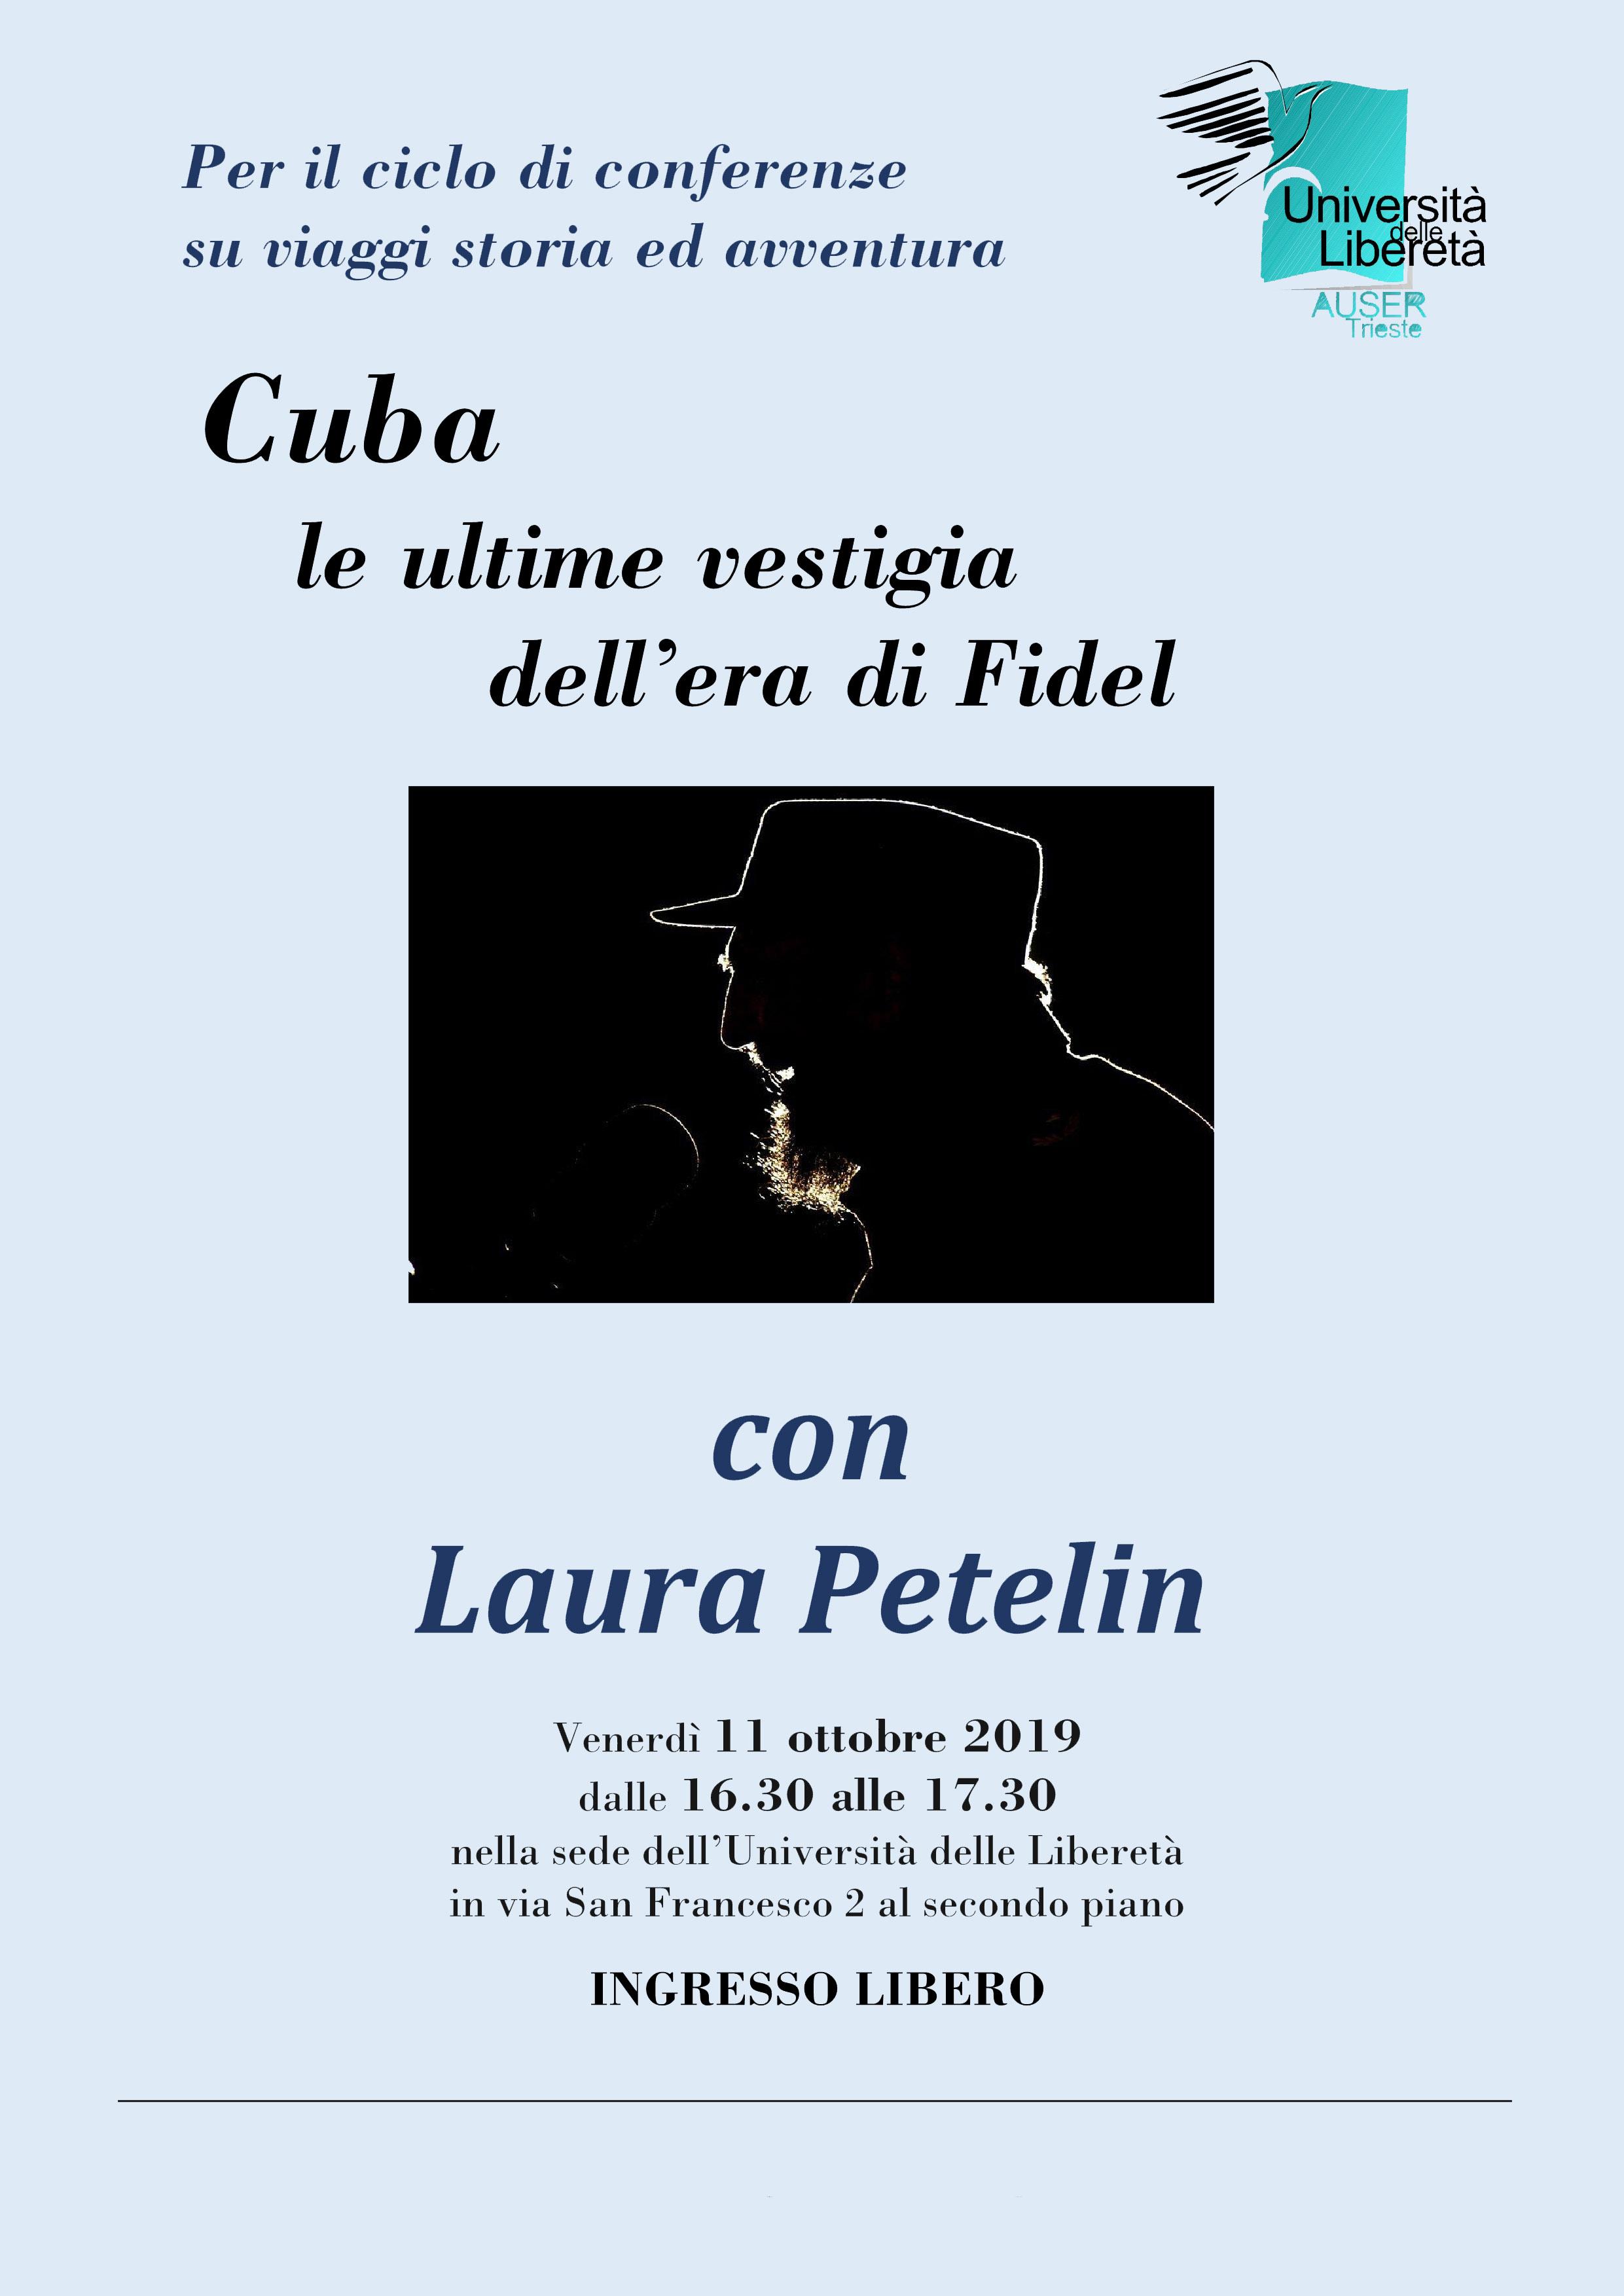 Cuba di Laura Petelin1